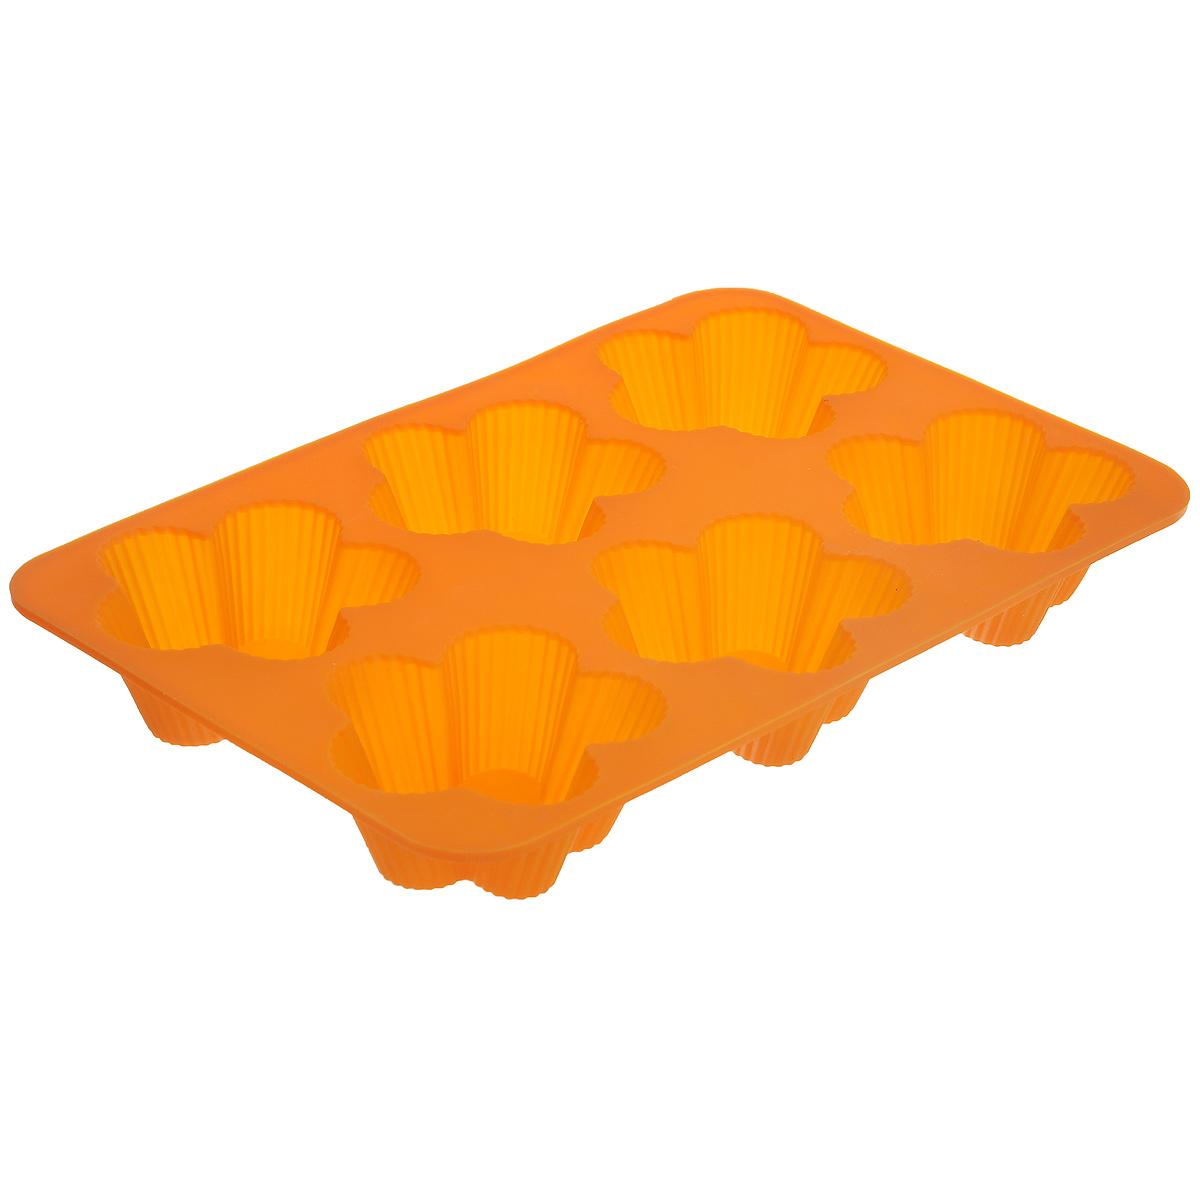 Форма для выпечки Marmiton Цветочки, 6 ячеек, цвет: оранжевый16112_оранжевыйФорма Marmiton Цветочки, изготовленная из высококачественного пищевого силикона, предназначена для приготовления выпечки, льда, конфет, желе, запеканок, шоколада, пудингов. На одном листе расположено 6 ячеек, выполненных в виде цветов.С такой формой вы всегда сможете порадовать своих близких оригинальной выпечкой.Силикон устойчив к фруктовым кислотам, к воздействию низких и высоких температур (выдерживает температуру от 240°C до - 40°C). Не взаимодействует с продуктами питания и не впитывает их запахи, как при нагревании, так и при заморозке. Обладает естественными антипригарными свойствами. Неприлипающая поверхность идеальна для духовки, морозильника, микроволновой печи и аэрогриля. Из формы легко и быстро можно достать выпечку. Силиконовая форма также практична при хранении за счет гибкости, ее можно смело мыть в посудомоечной машине.Общий размер формы: 25,5 см х 17,5 см х 3 см.Размер ячейки: 7,5 см х 7,5 см х 3 см.